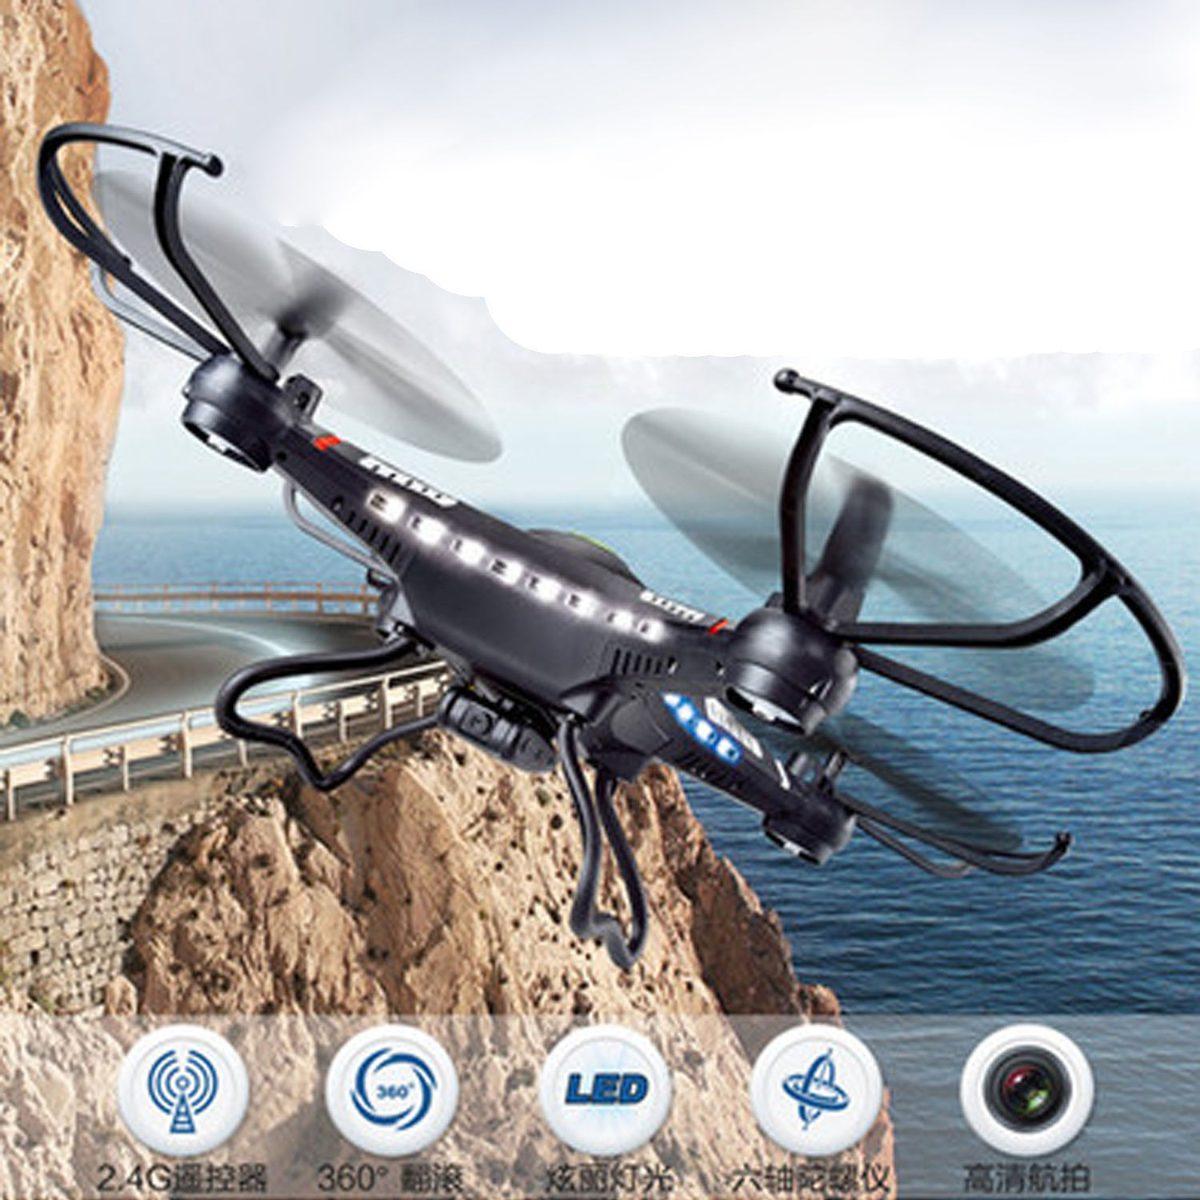 16954428b42 Drone Dron Con Camara H8c Ph Ventas - $ 4.900,00 en Mercado Libre